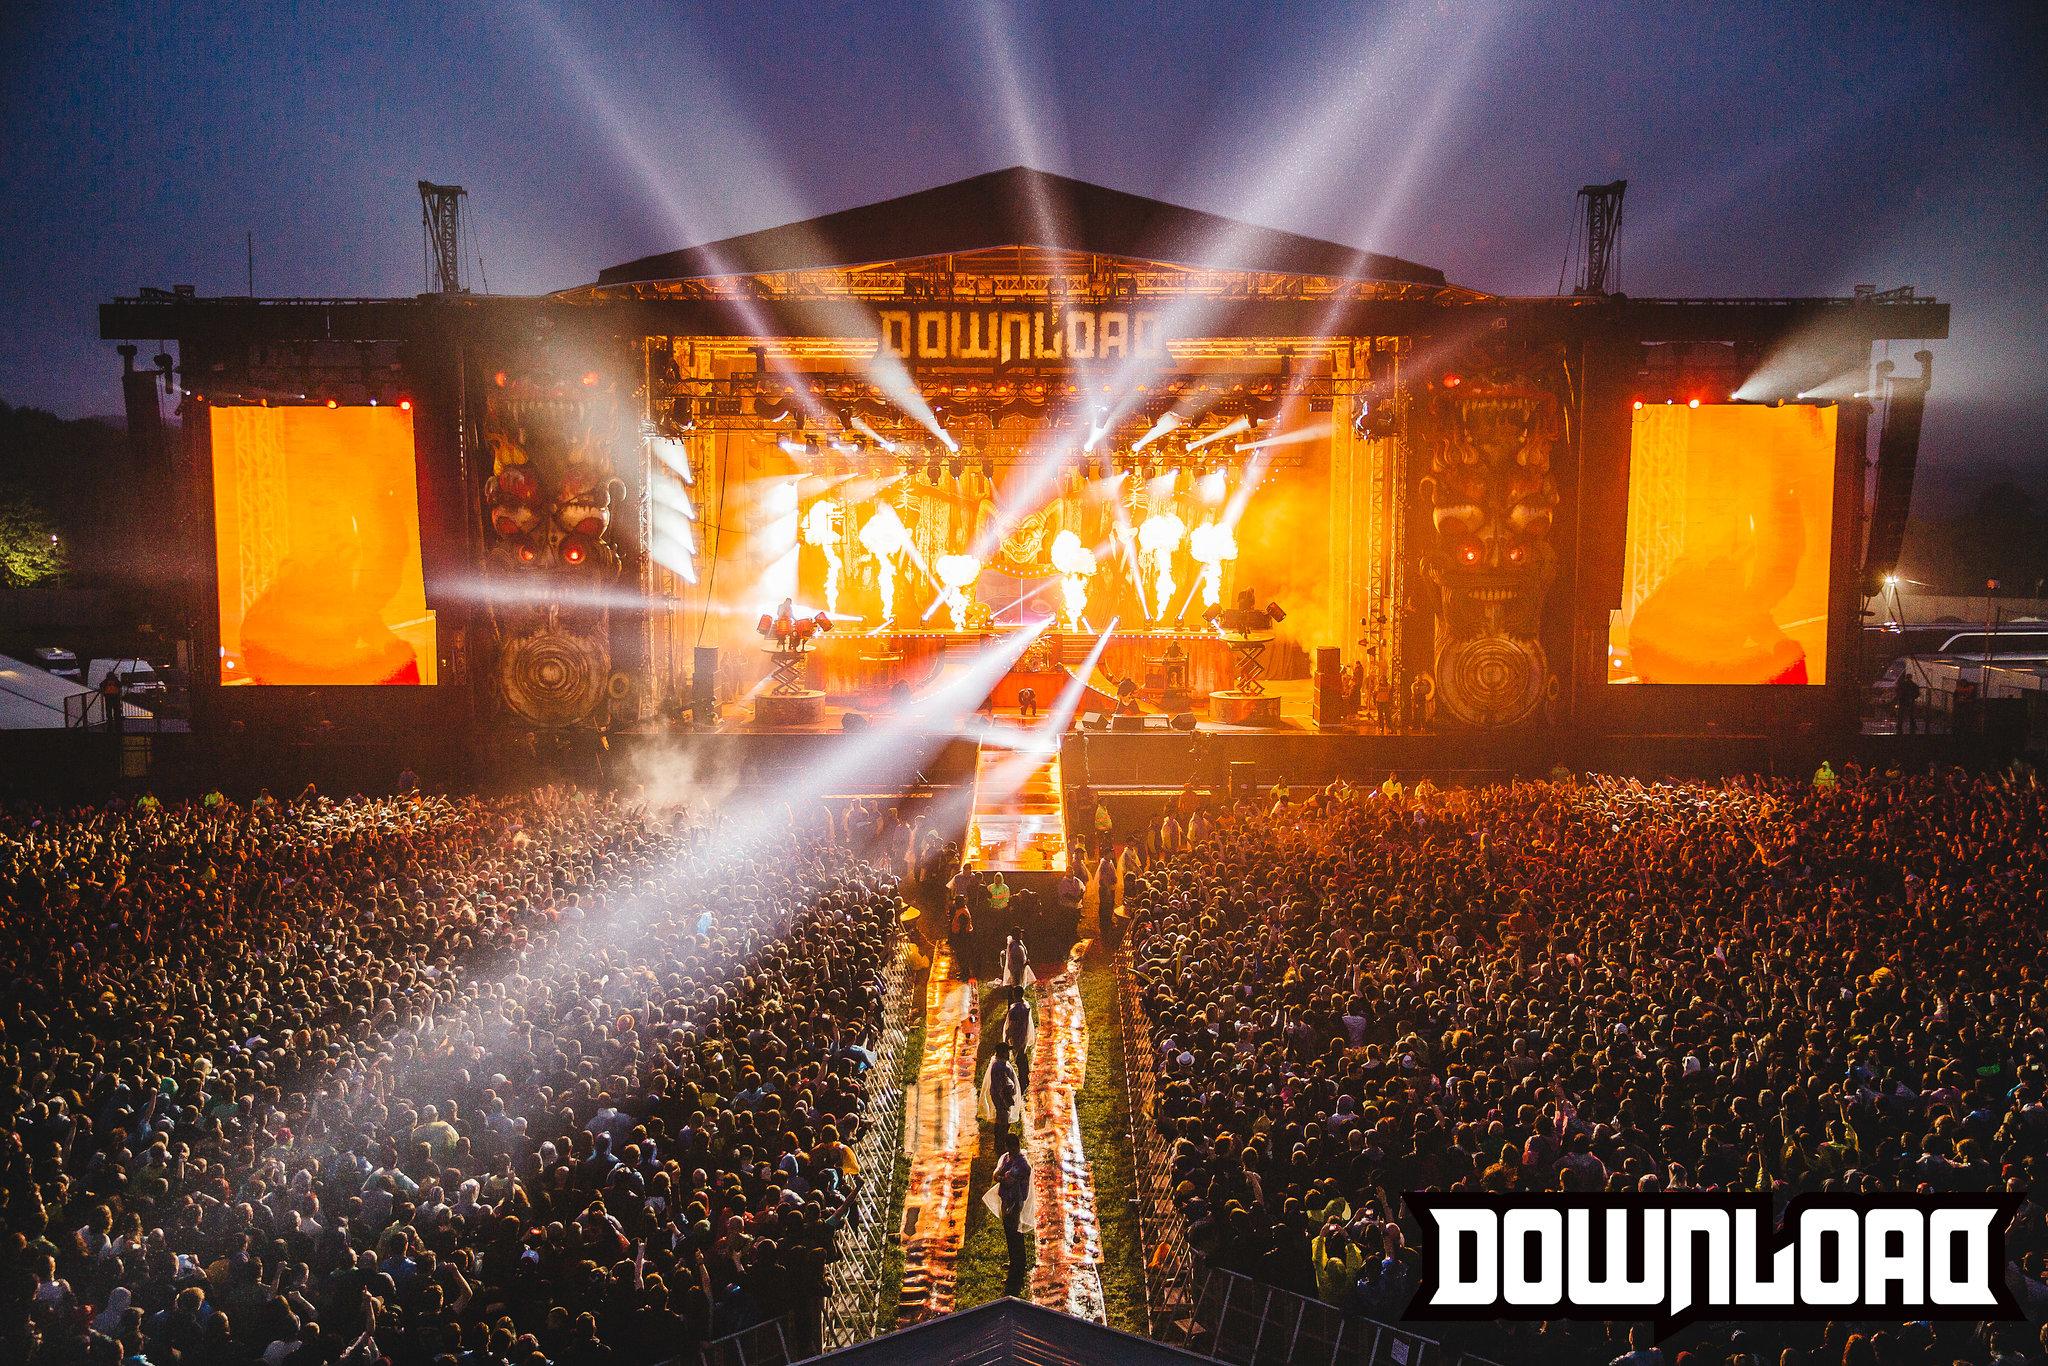 Danny North - Slipknot - Download 2015 - 6db1944a-115a-11e5-a6d8-92ce347ad47a - Web.jpeg